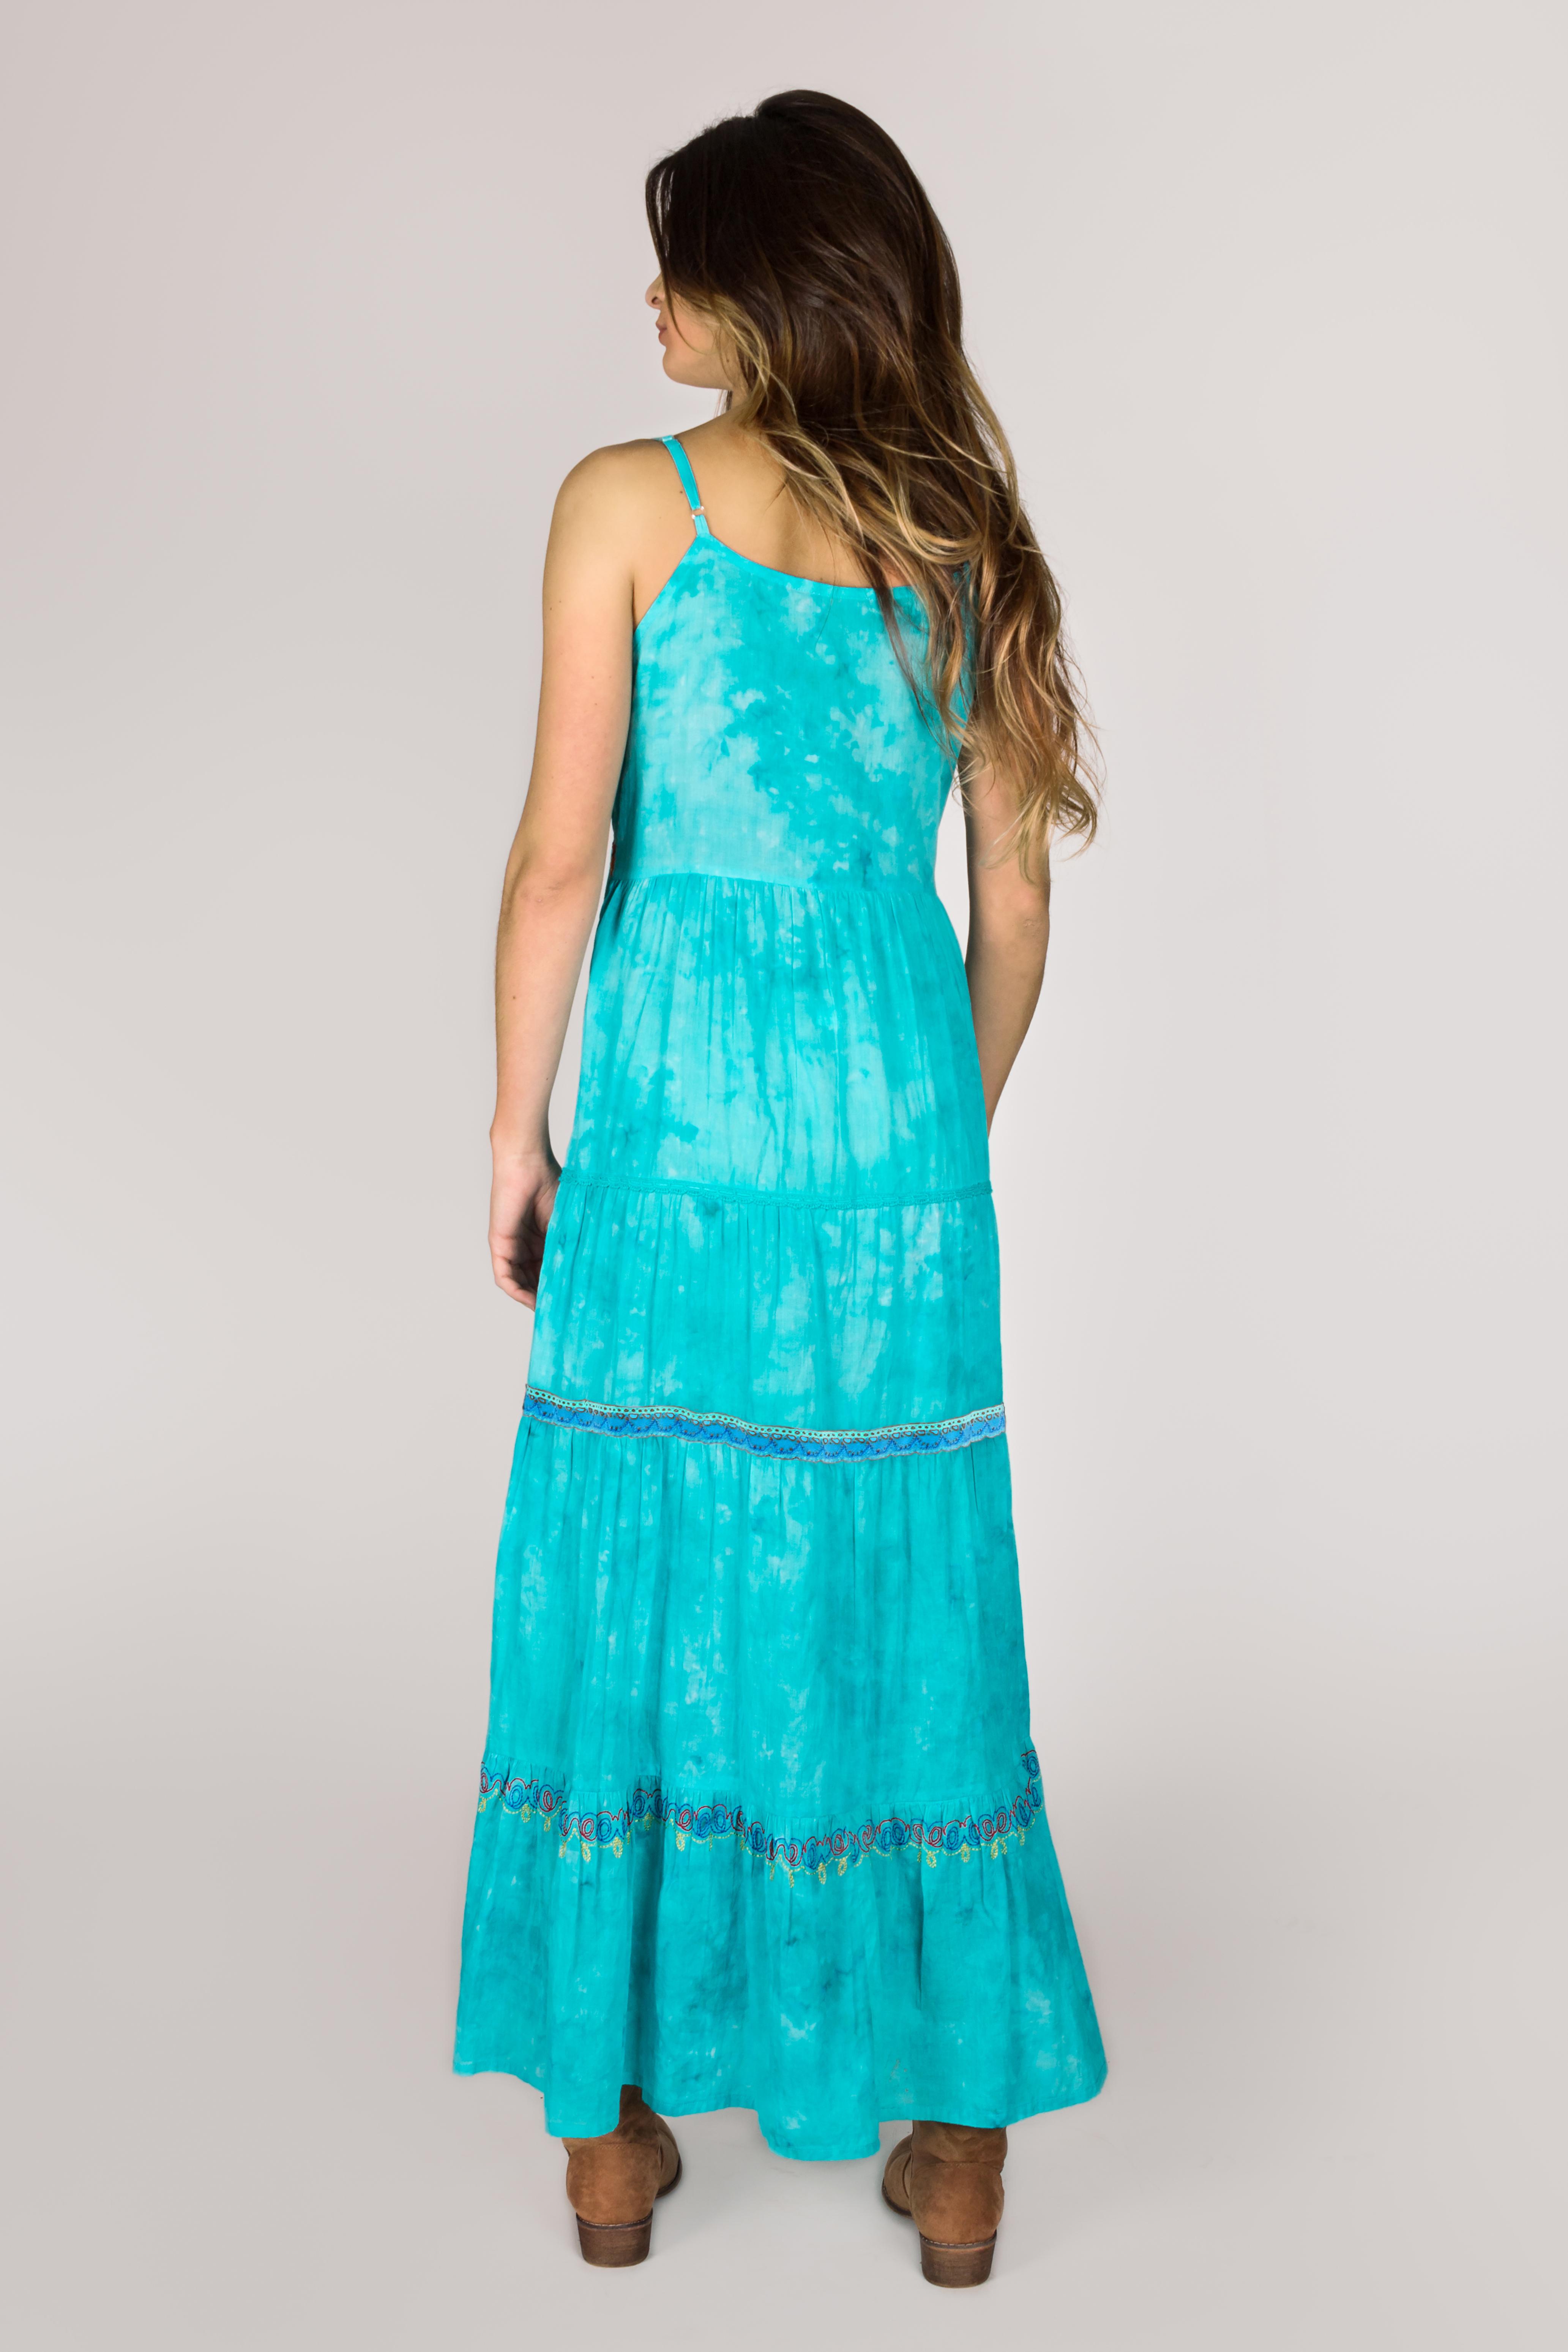 Shoklett: High Low Corset Tied Bodice Sea Flower Maxi Dress Sherlyn (Few Left!)